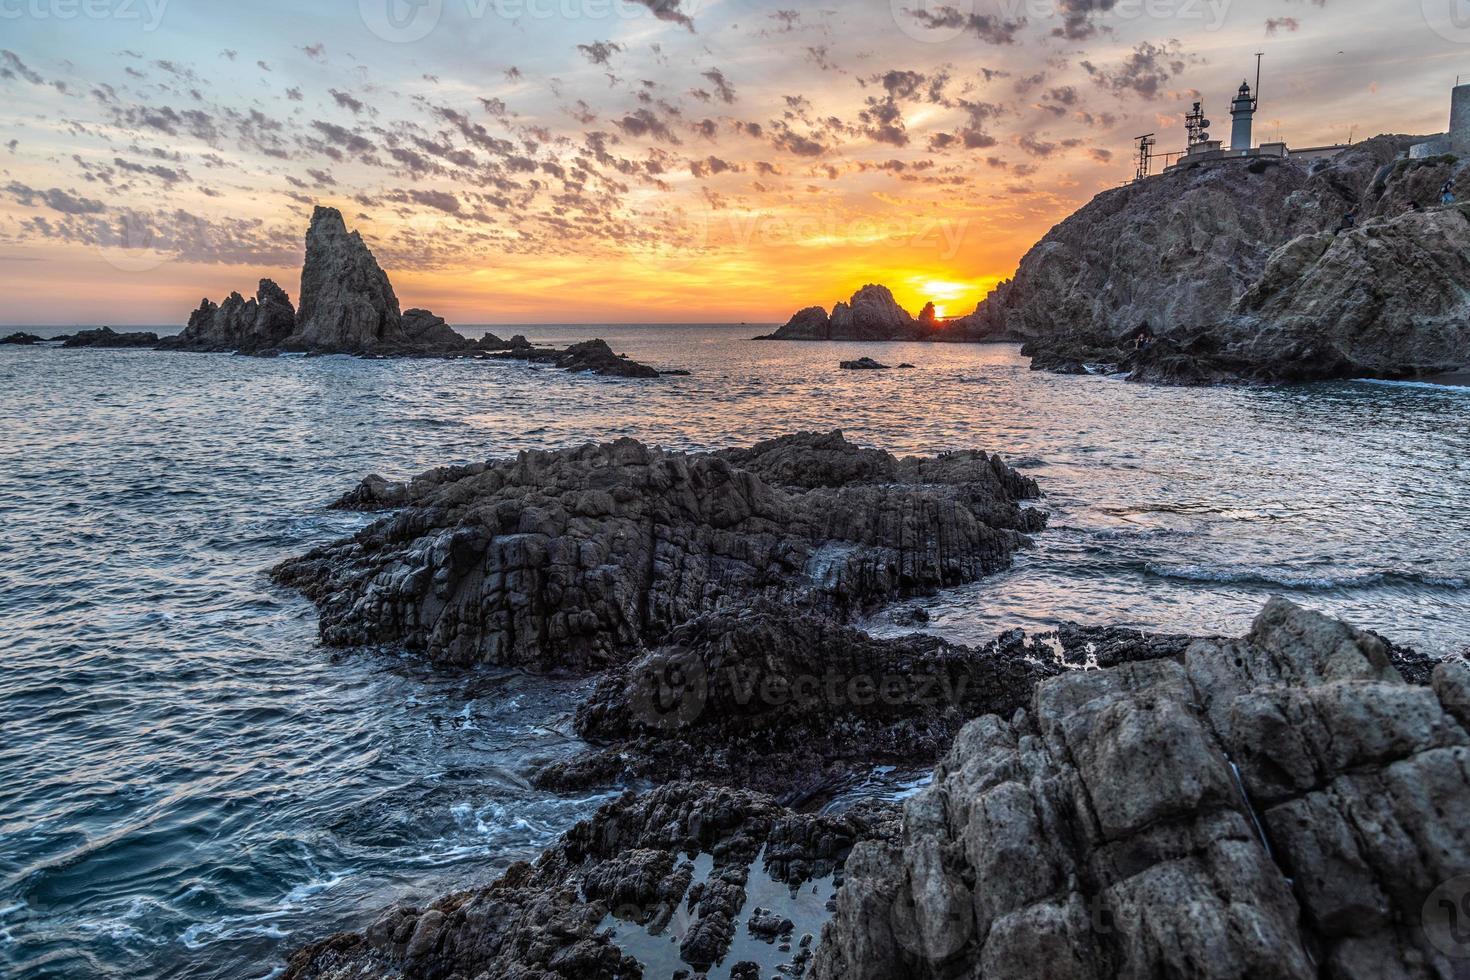 coucher de soleil sur une magnifique côte photo